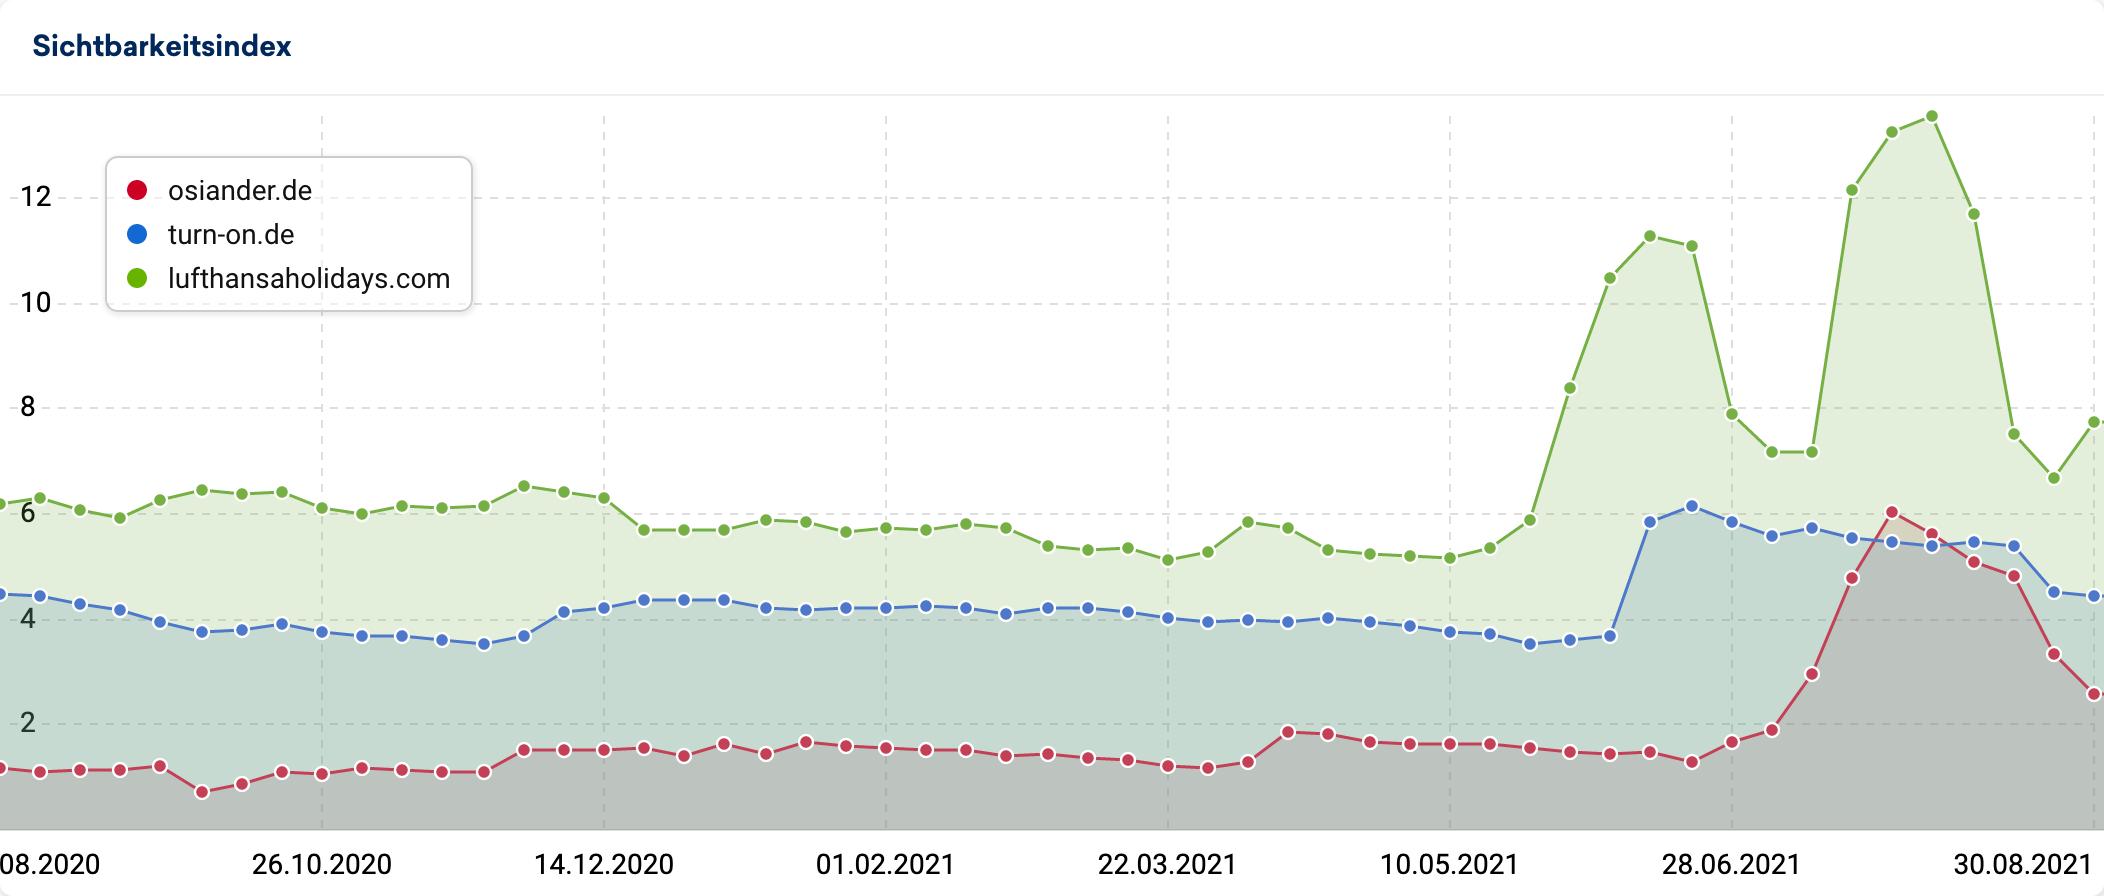 Domains mit Korrektur getroffen haben: osiander.de, turn-on.de und lufthansaholidays.com